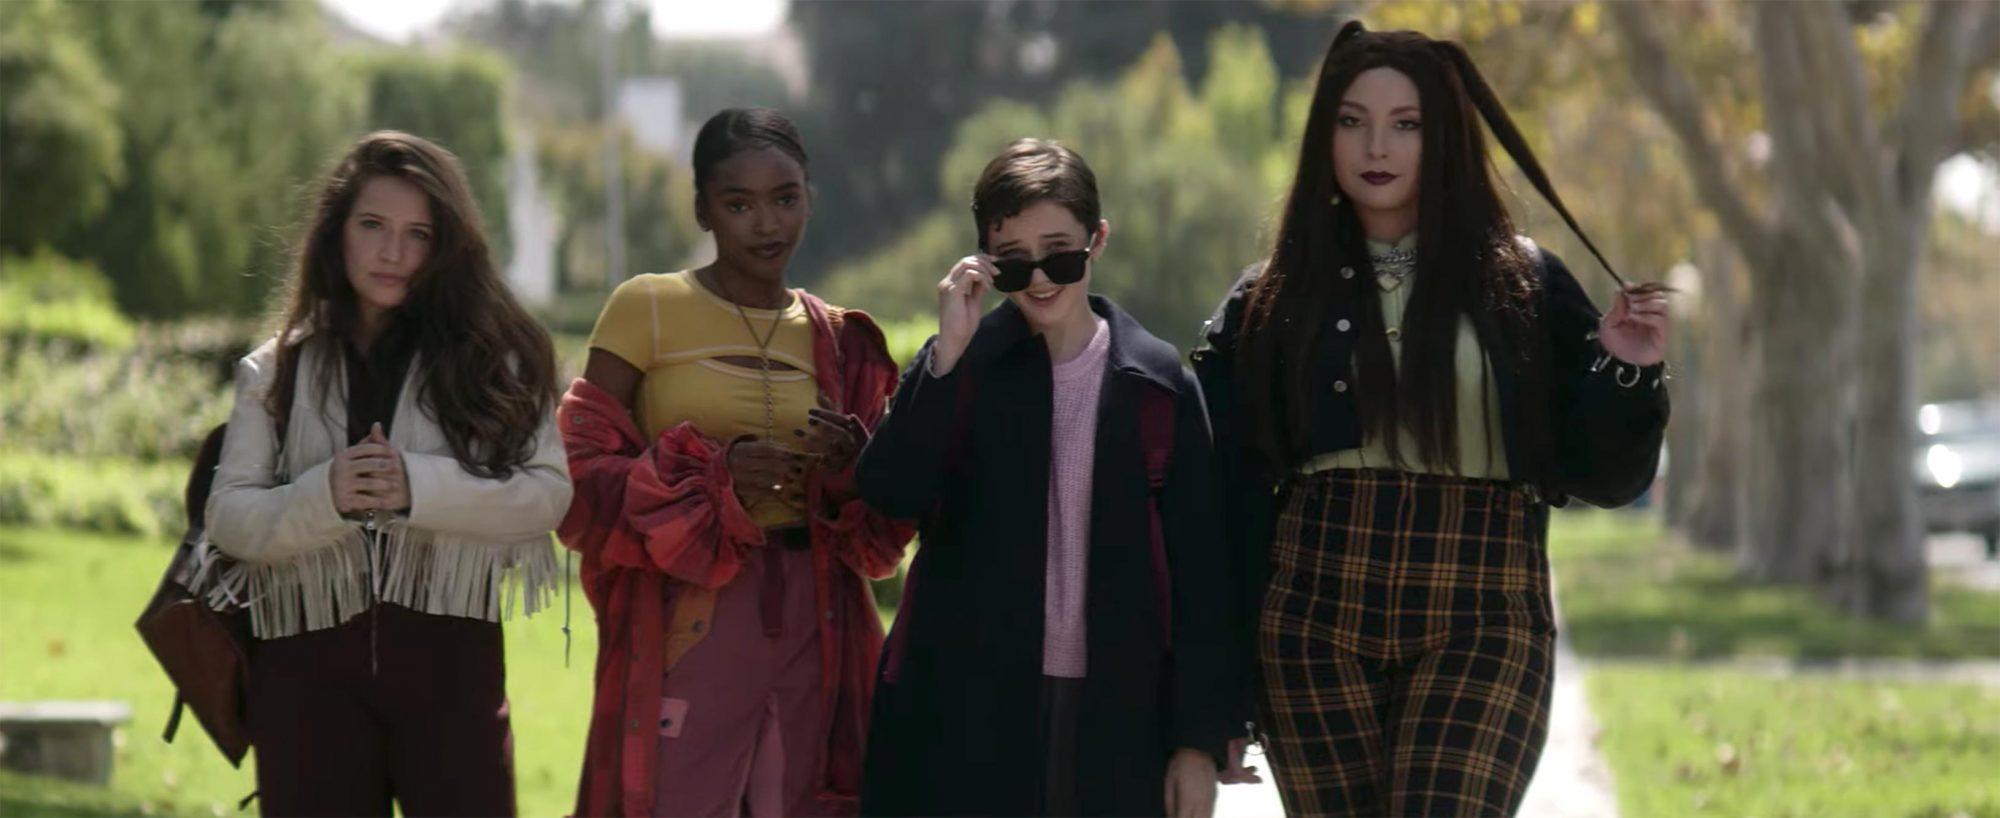 As quatro personagens em um fundo desfocado, da direita para esquerda estão Frankie, Tabby, Lily e Lourdes